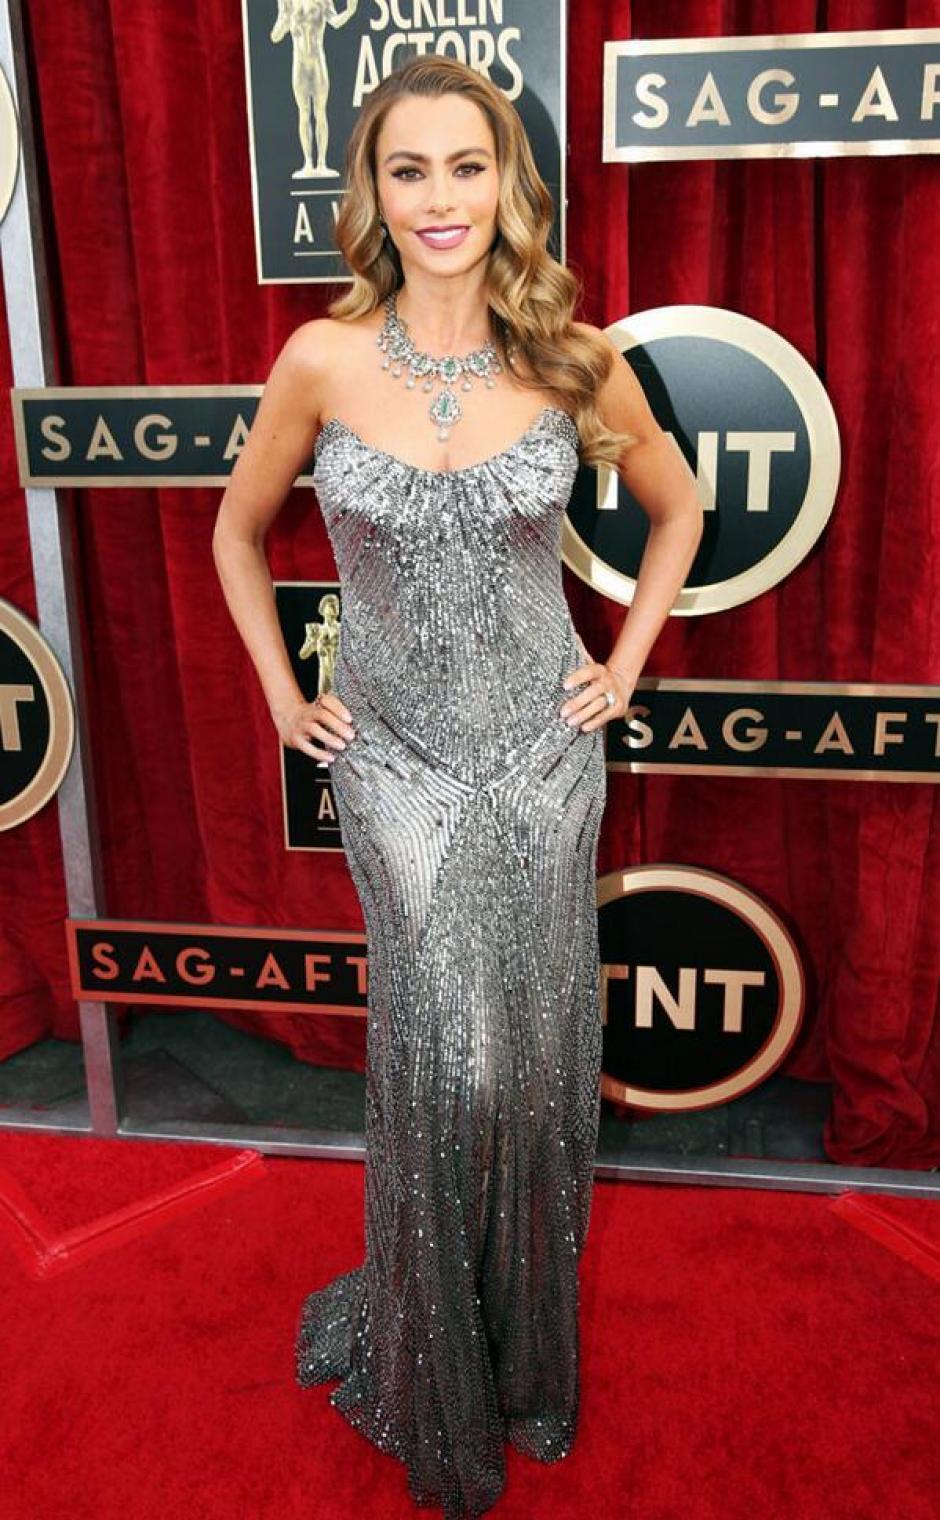 A diferencia de los Golden Globes, donde lució una falda amplia, Sofía Vergara volvió a su look más sensual con este modelo plateado. (@eonline)